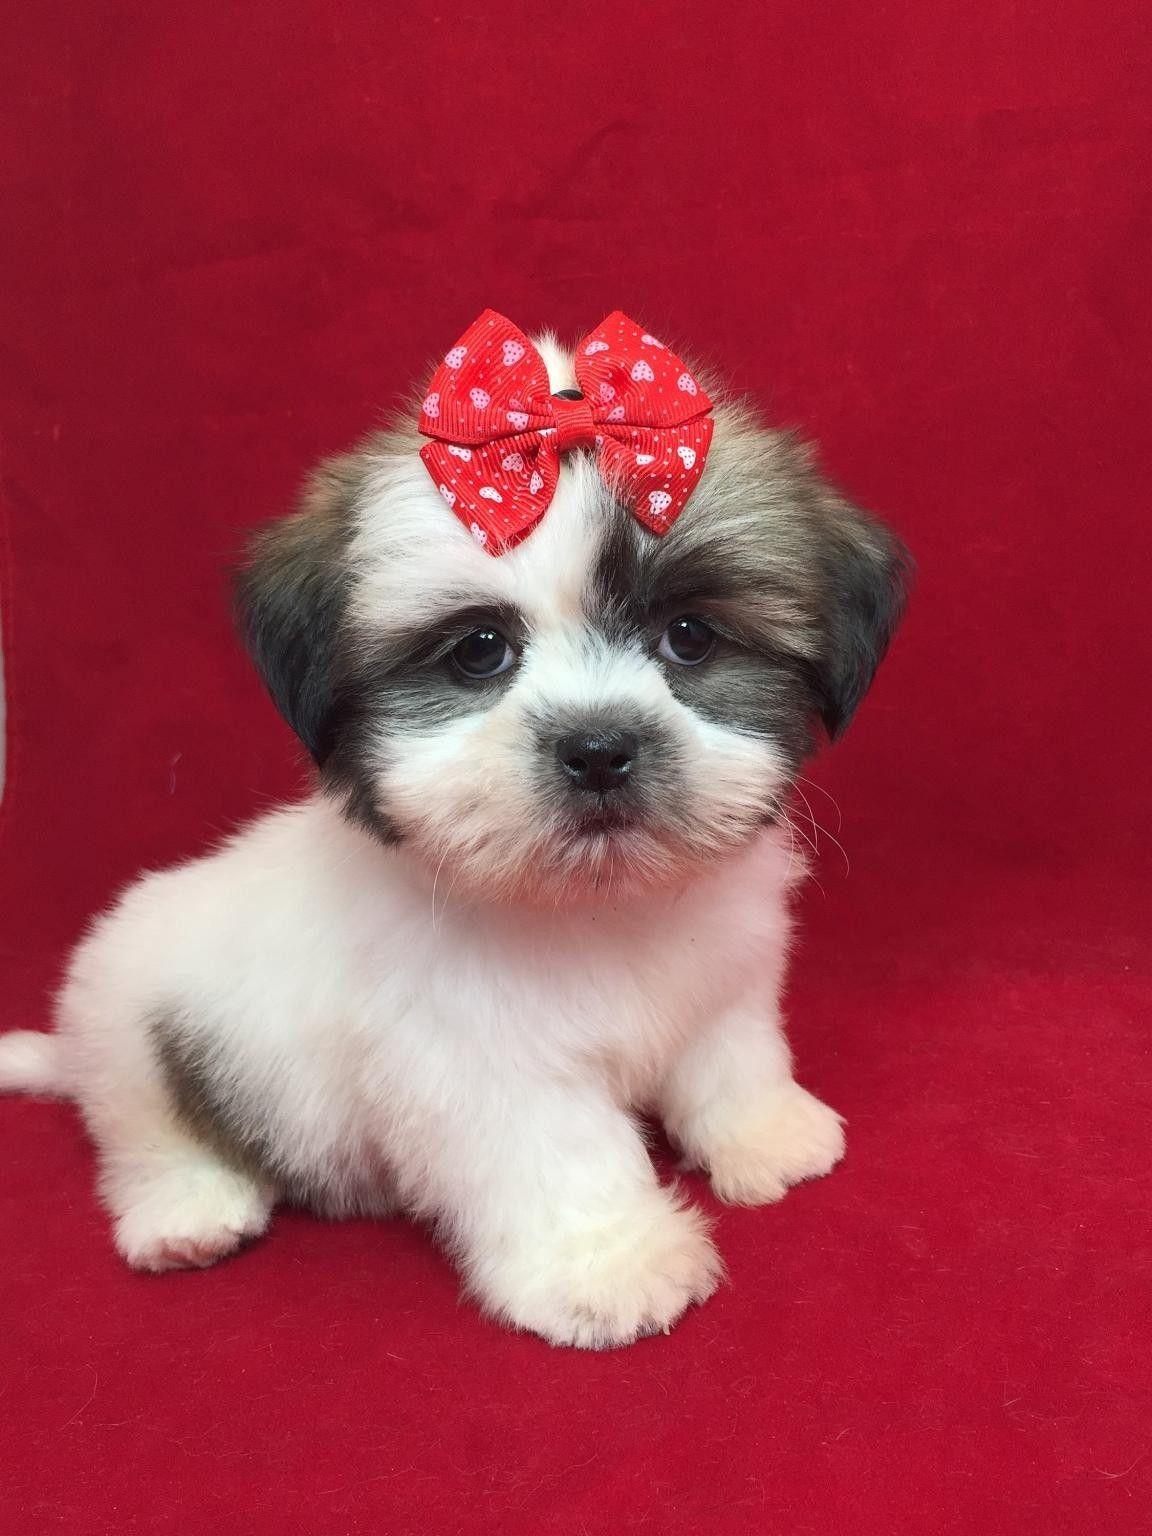 Nyc Shih Tzu Photos Shih Tzu Shih Tzu Puppy Photo